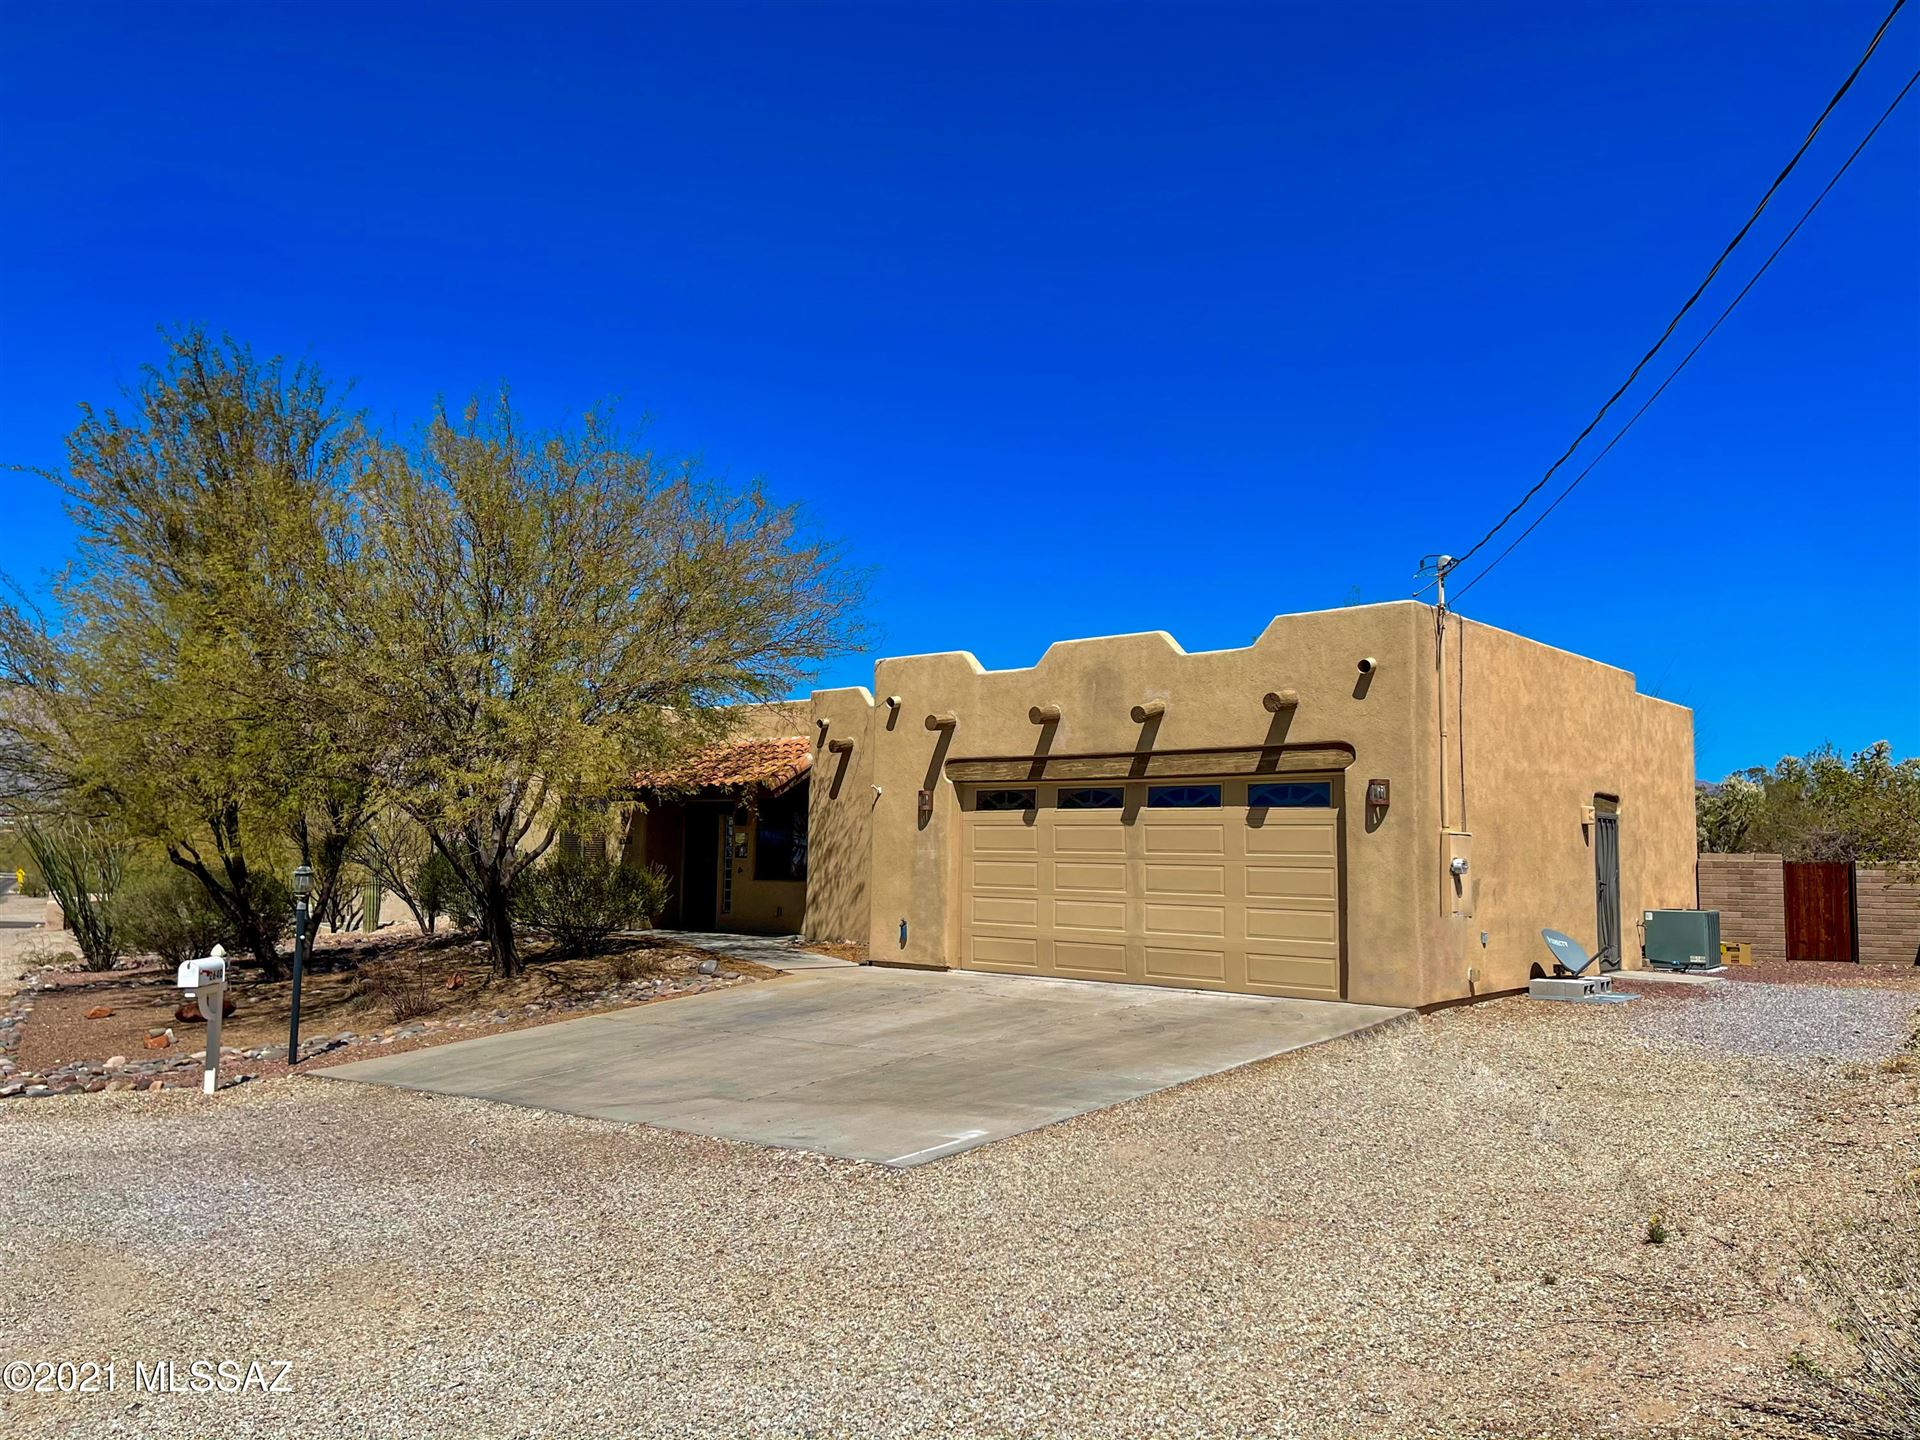 2640 N Sahuara Avenue, Tucson, AZ 85712 - MLS#: 22108261